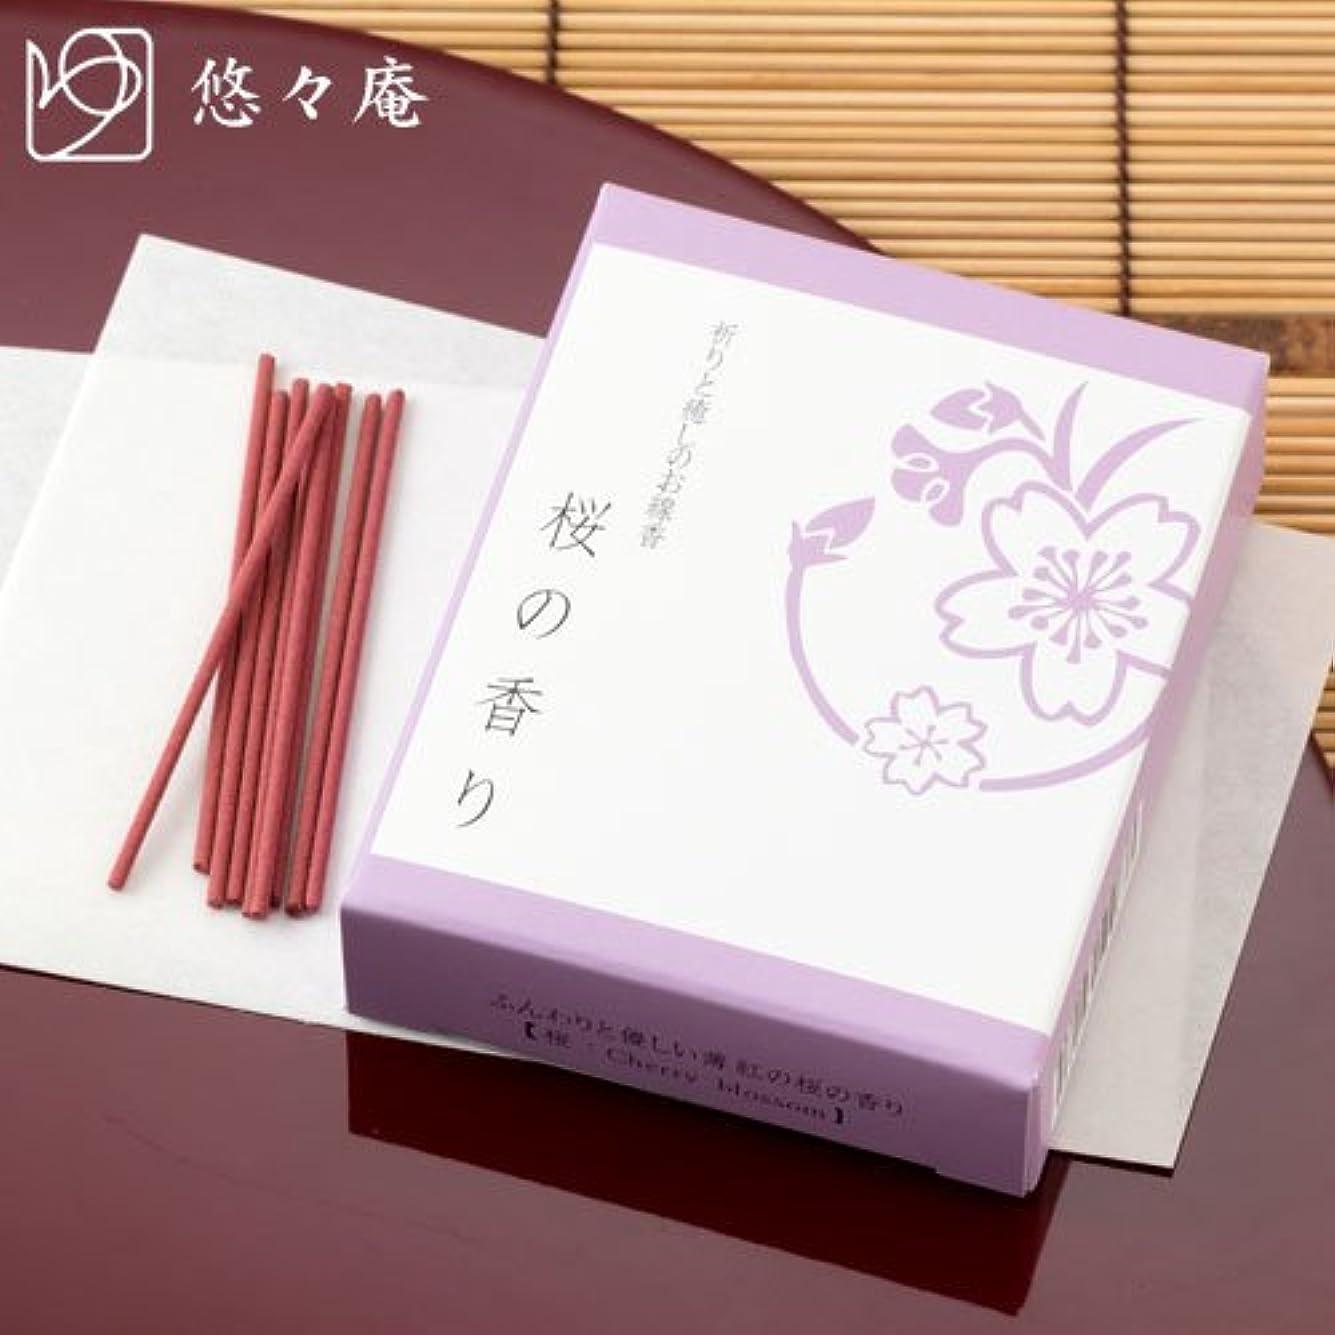 暴露新着宝石スティックお香祈りと癒しのお線香桜ショートサイズ悠々庵Pray & Heal Incense